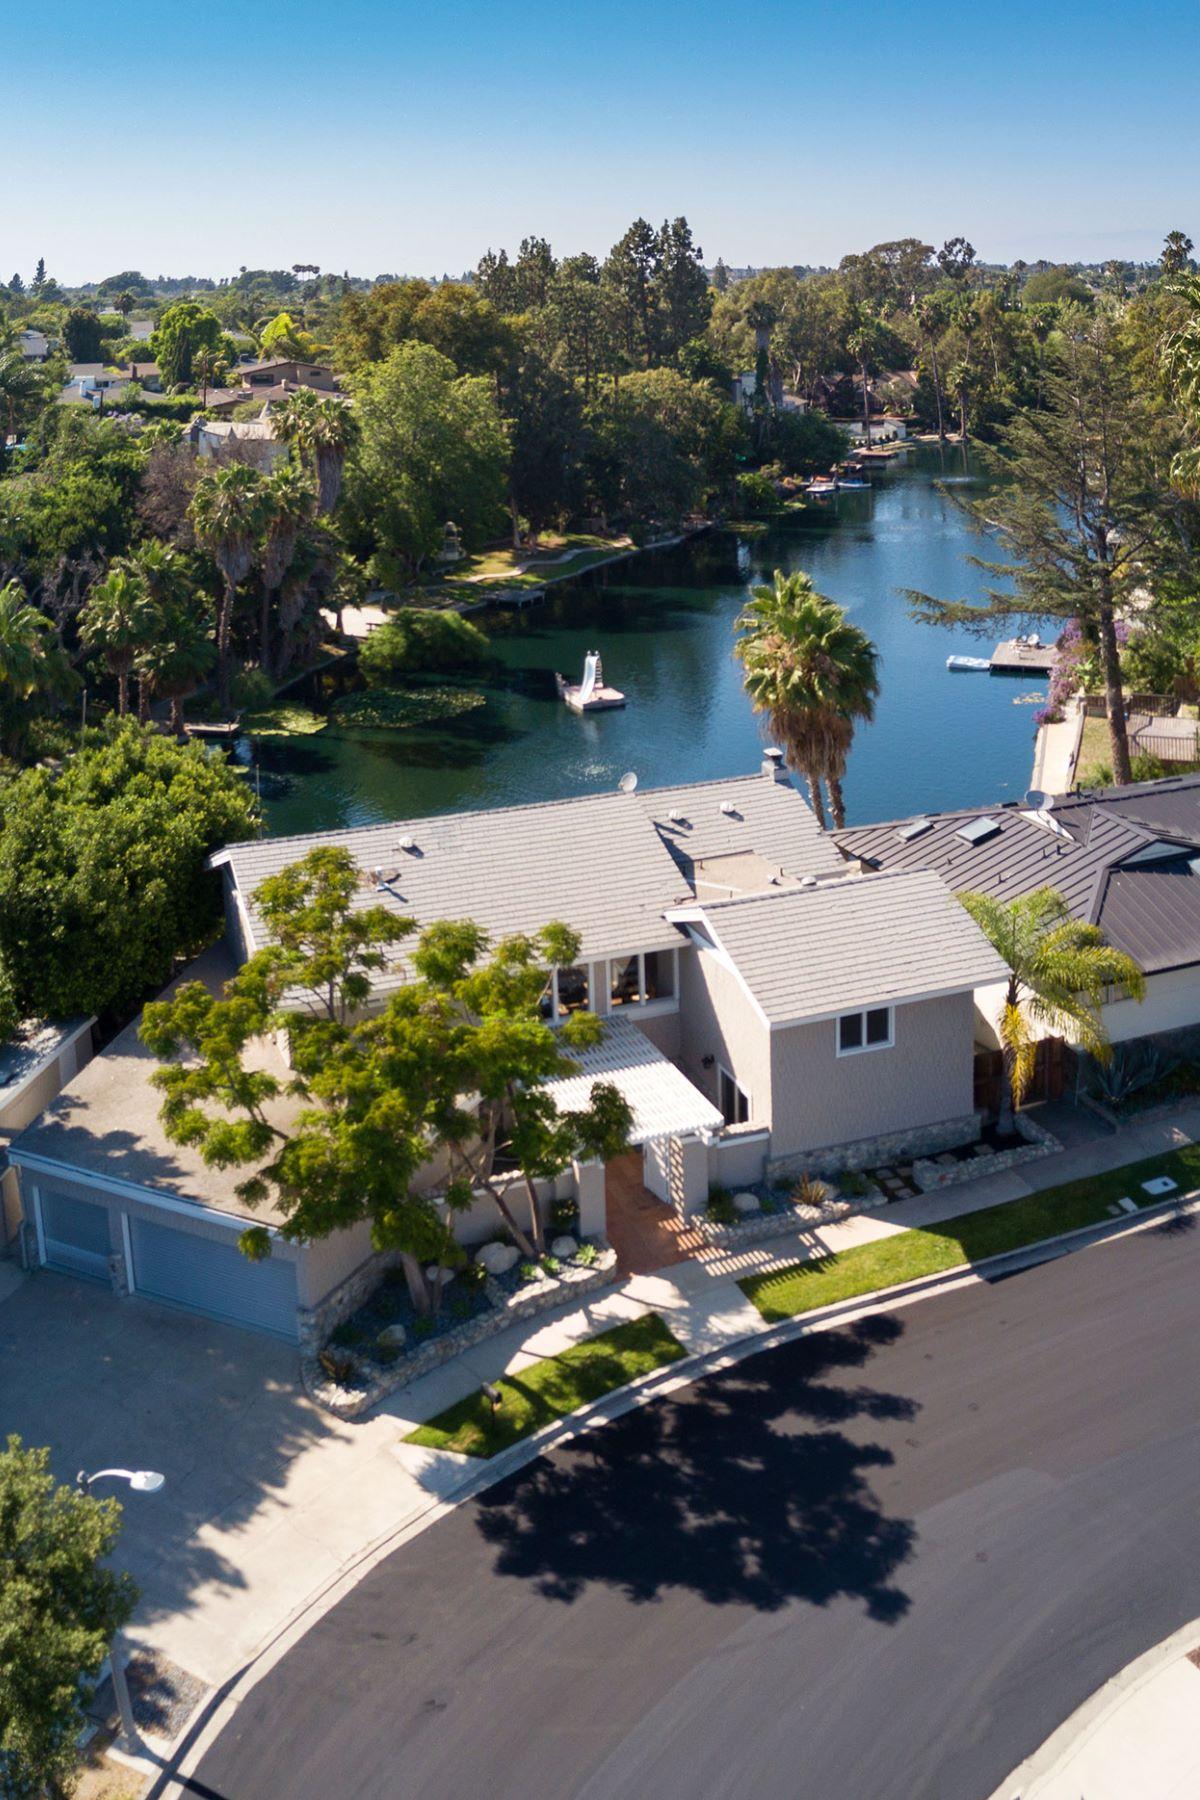 Частный односемейный дом для того Продажа на 2209 Heather Newport Beach, Калифорния, 92660 Соединенные Штаты